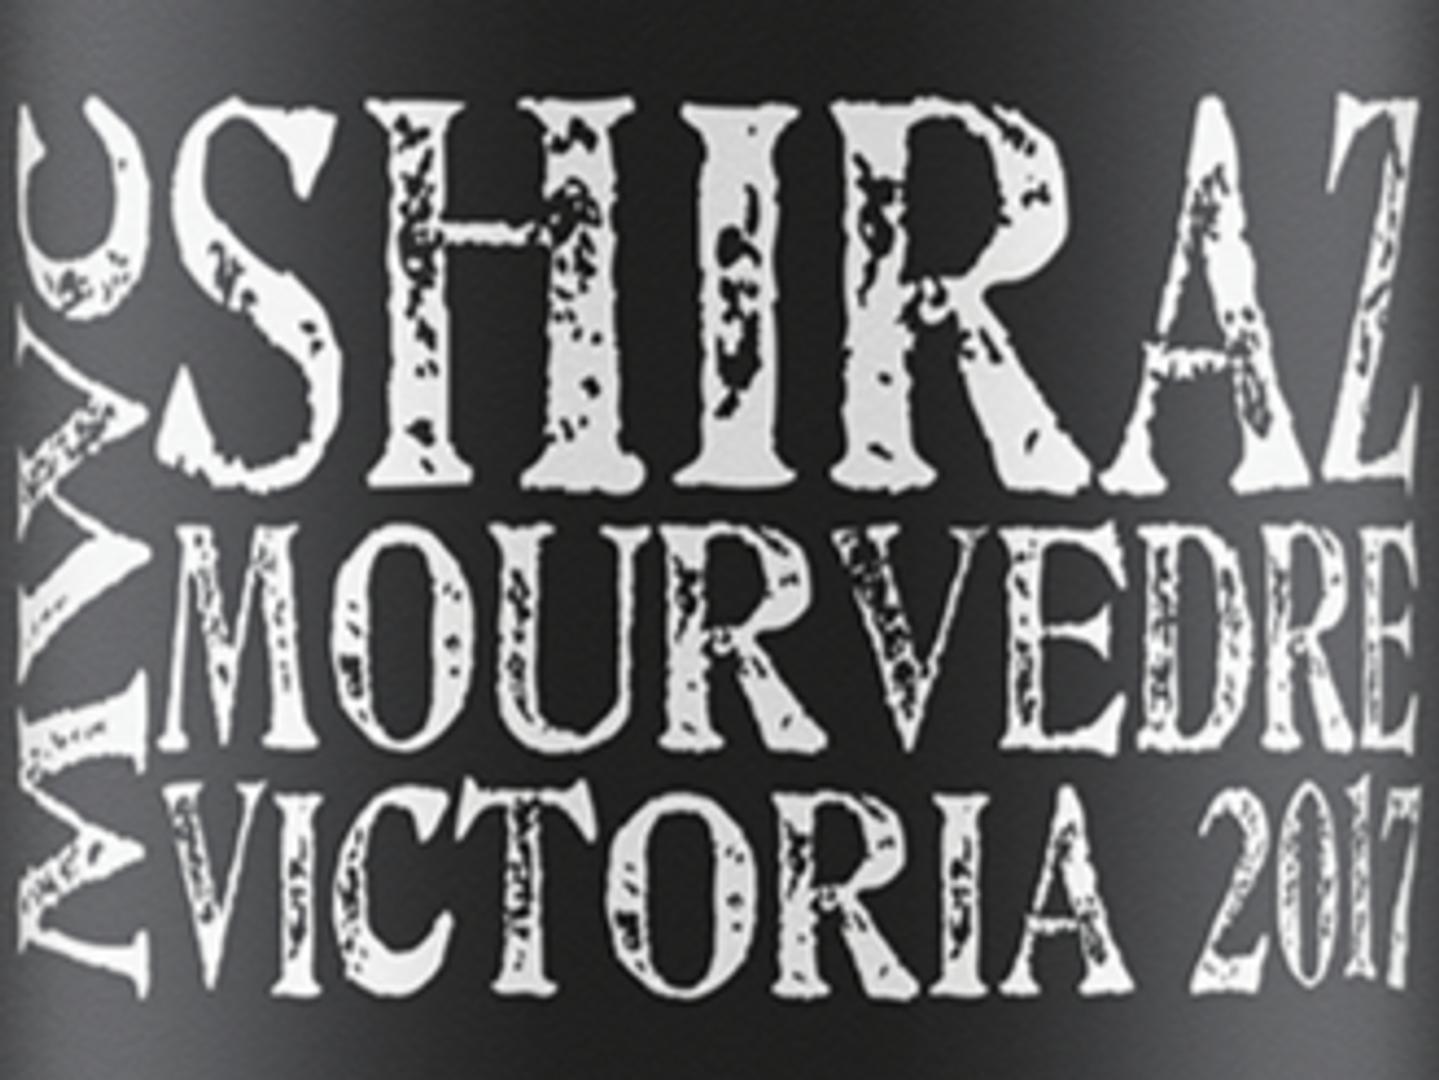 Shiraz/Mourvedre